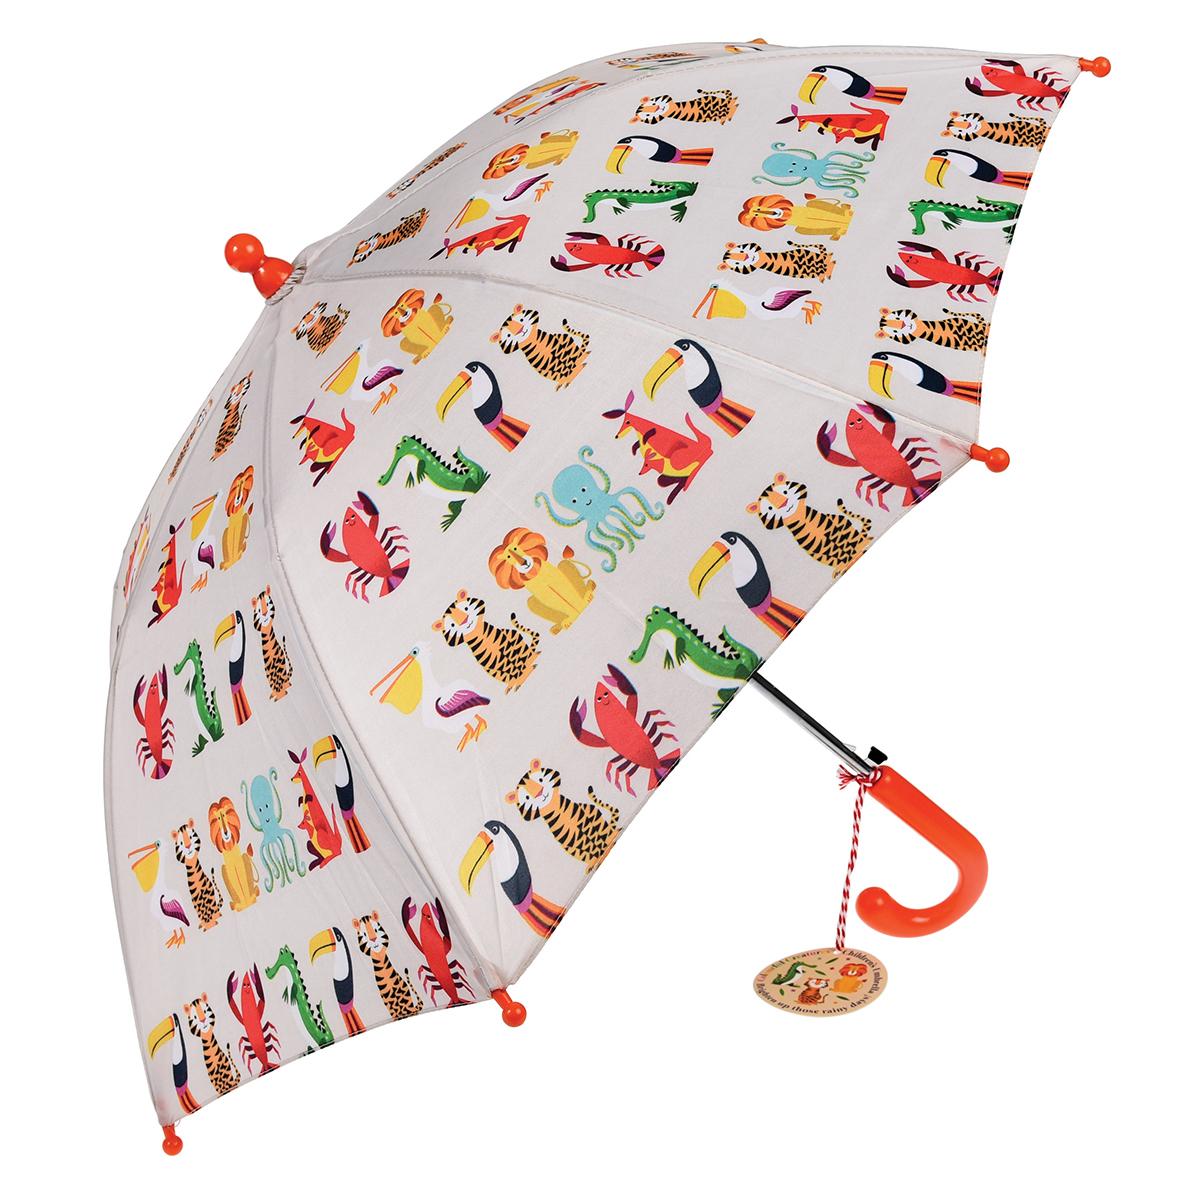 Accessoires bébé Parapluie - Colourful Creatures Parapluie - Colourful Creatures